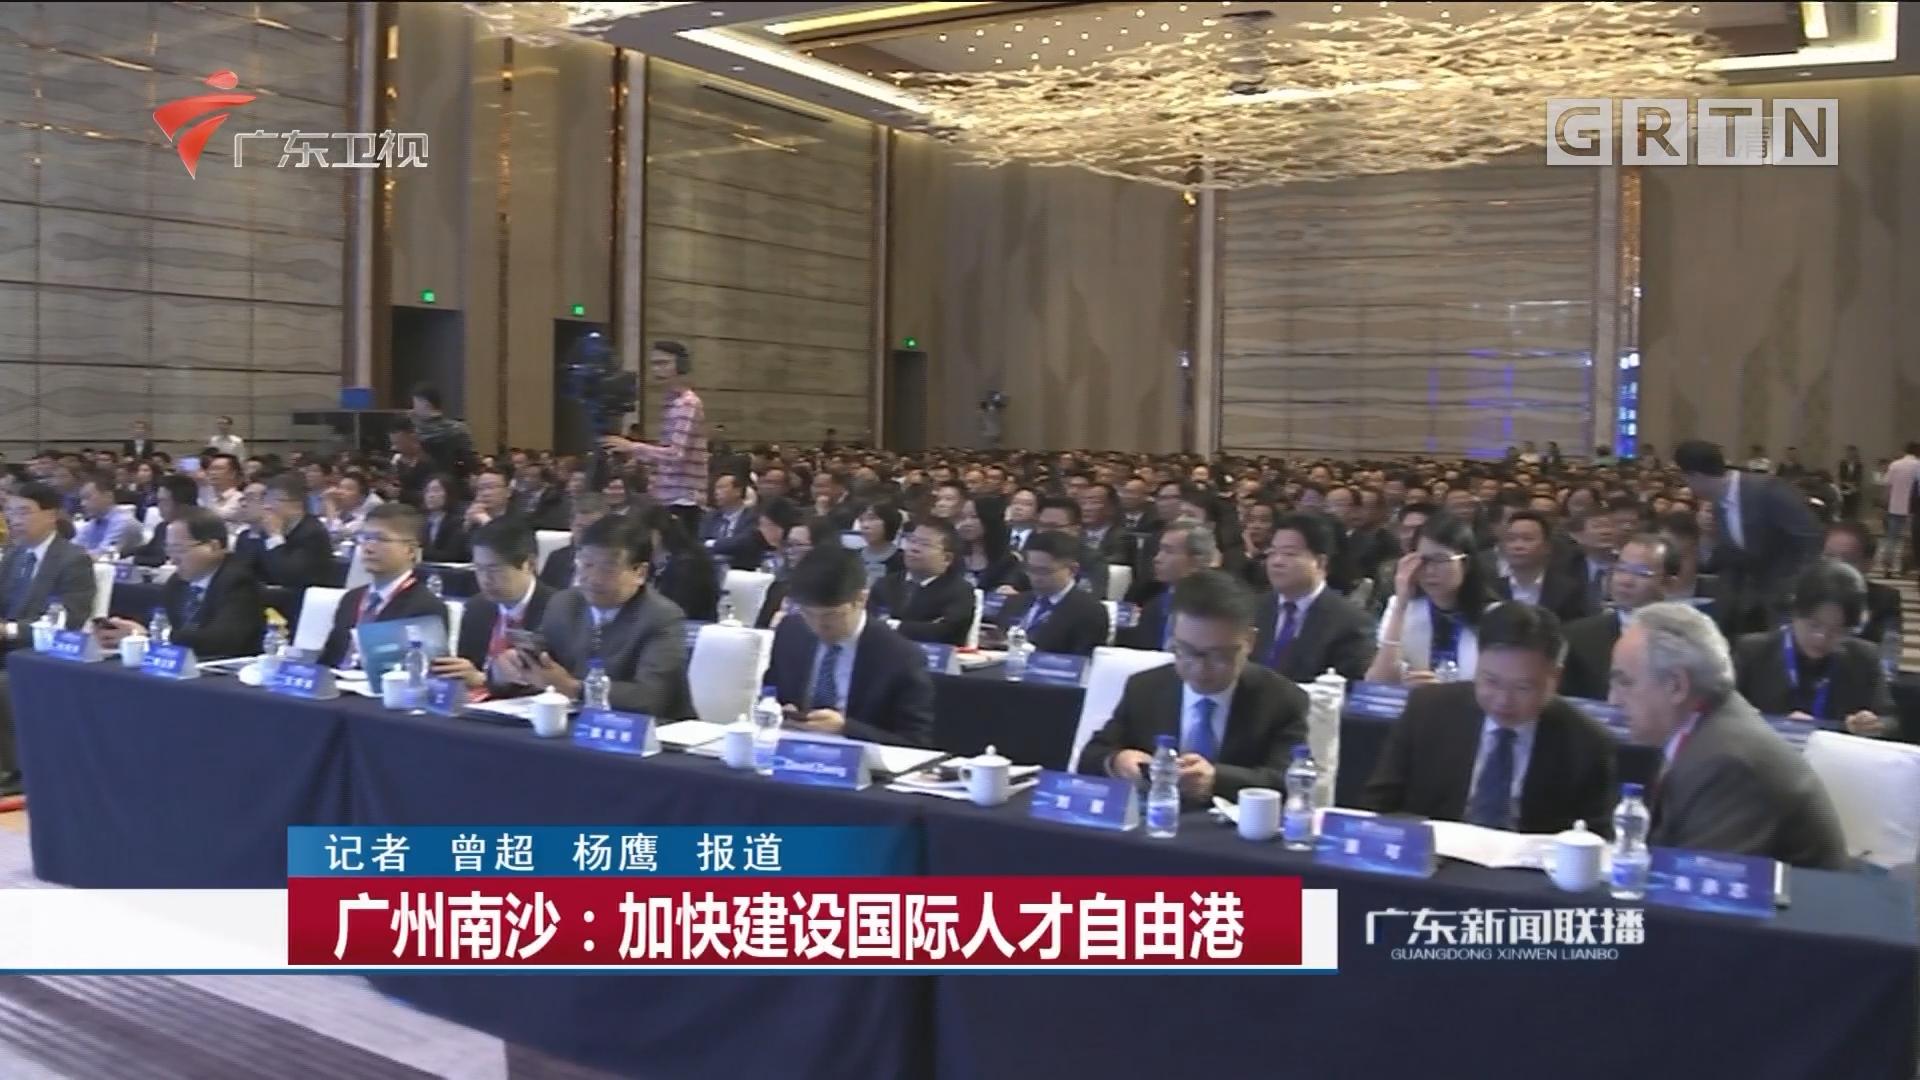 广州南沙:加快建设国际人才自由港